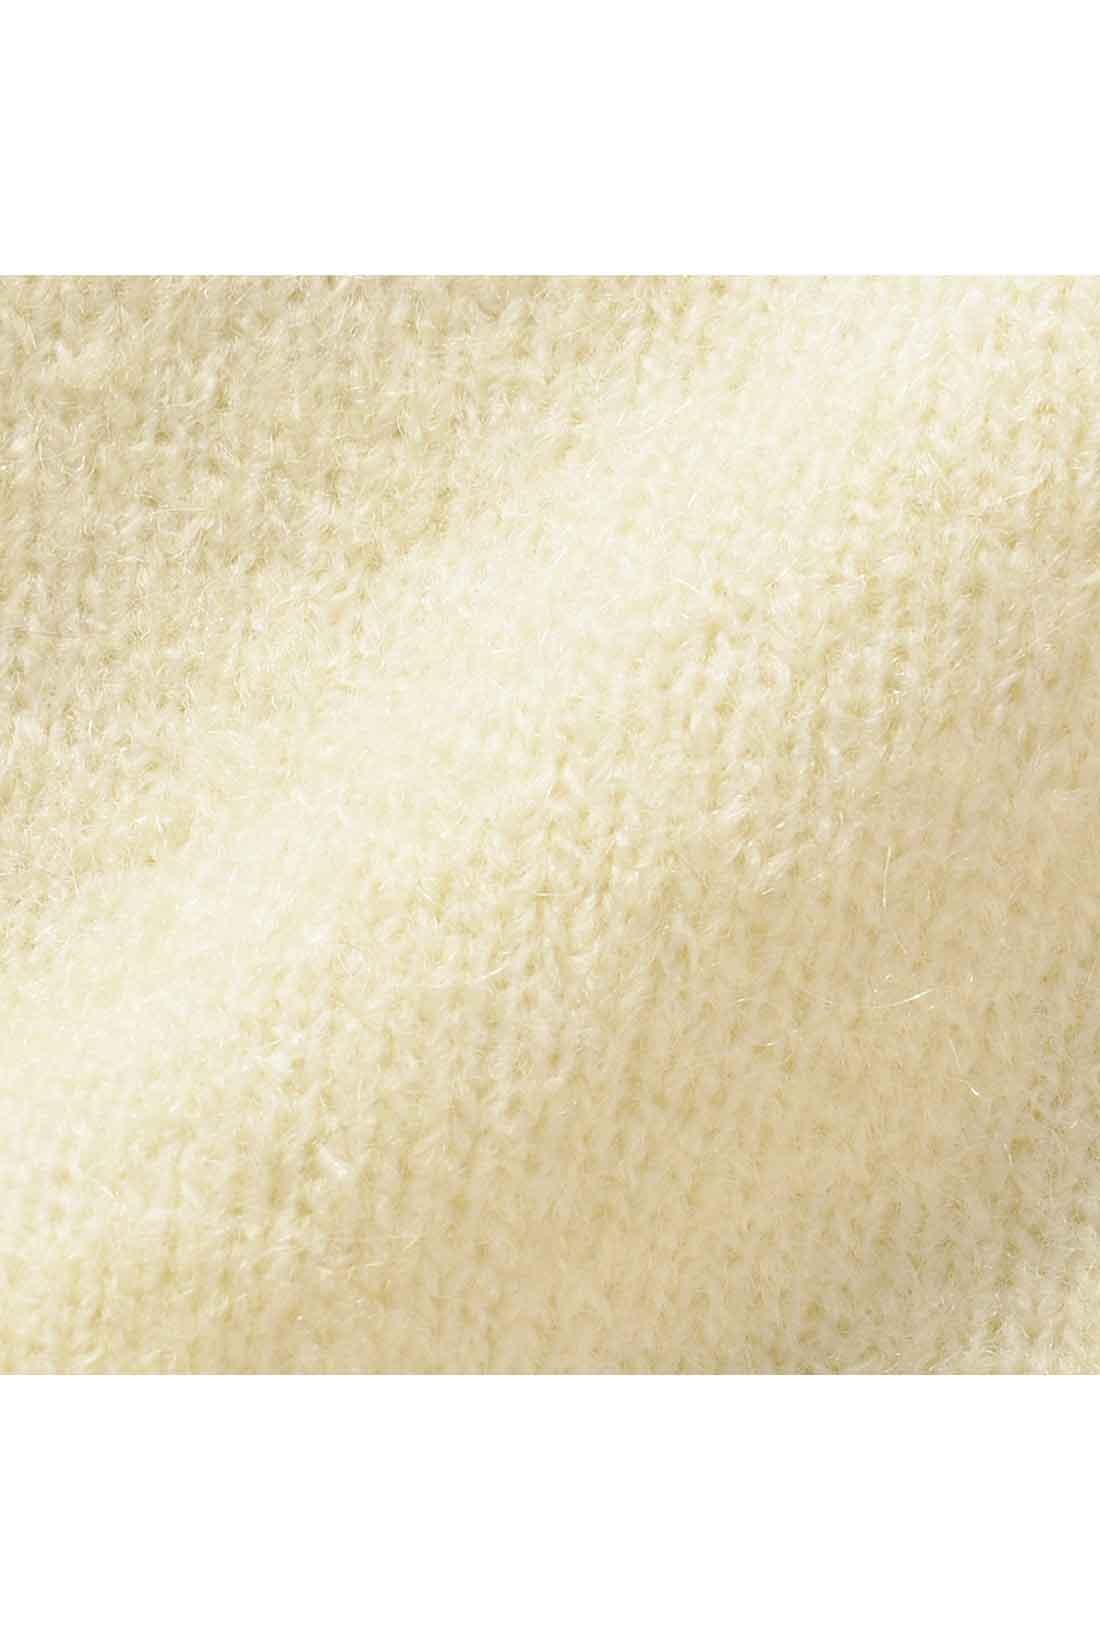 毛が抜けにくくチクチクしにくい、ふんわりモヘアを混紡。ウールも加わってさらに上質に。